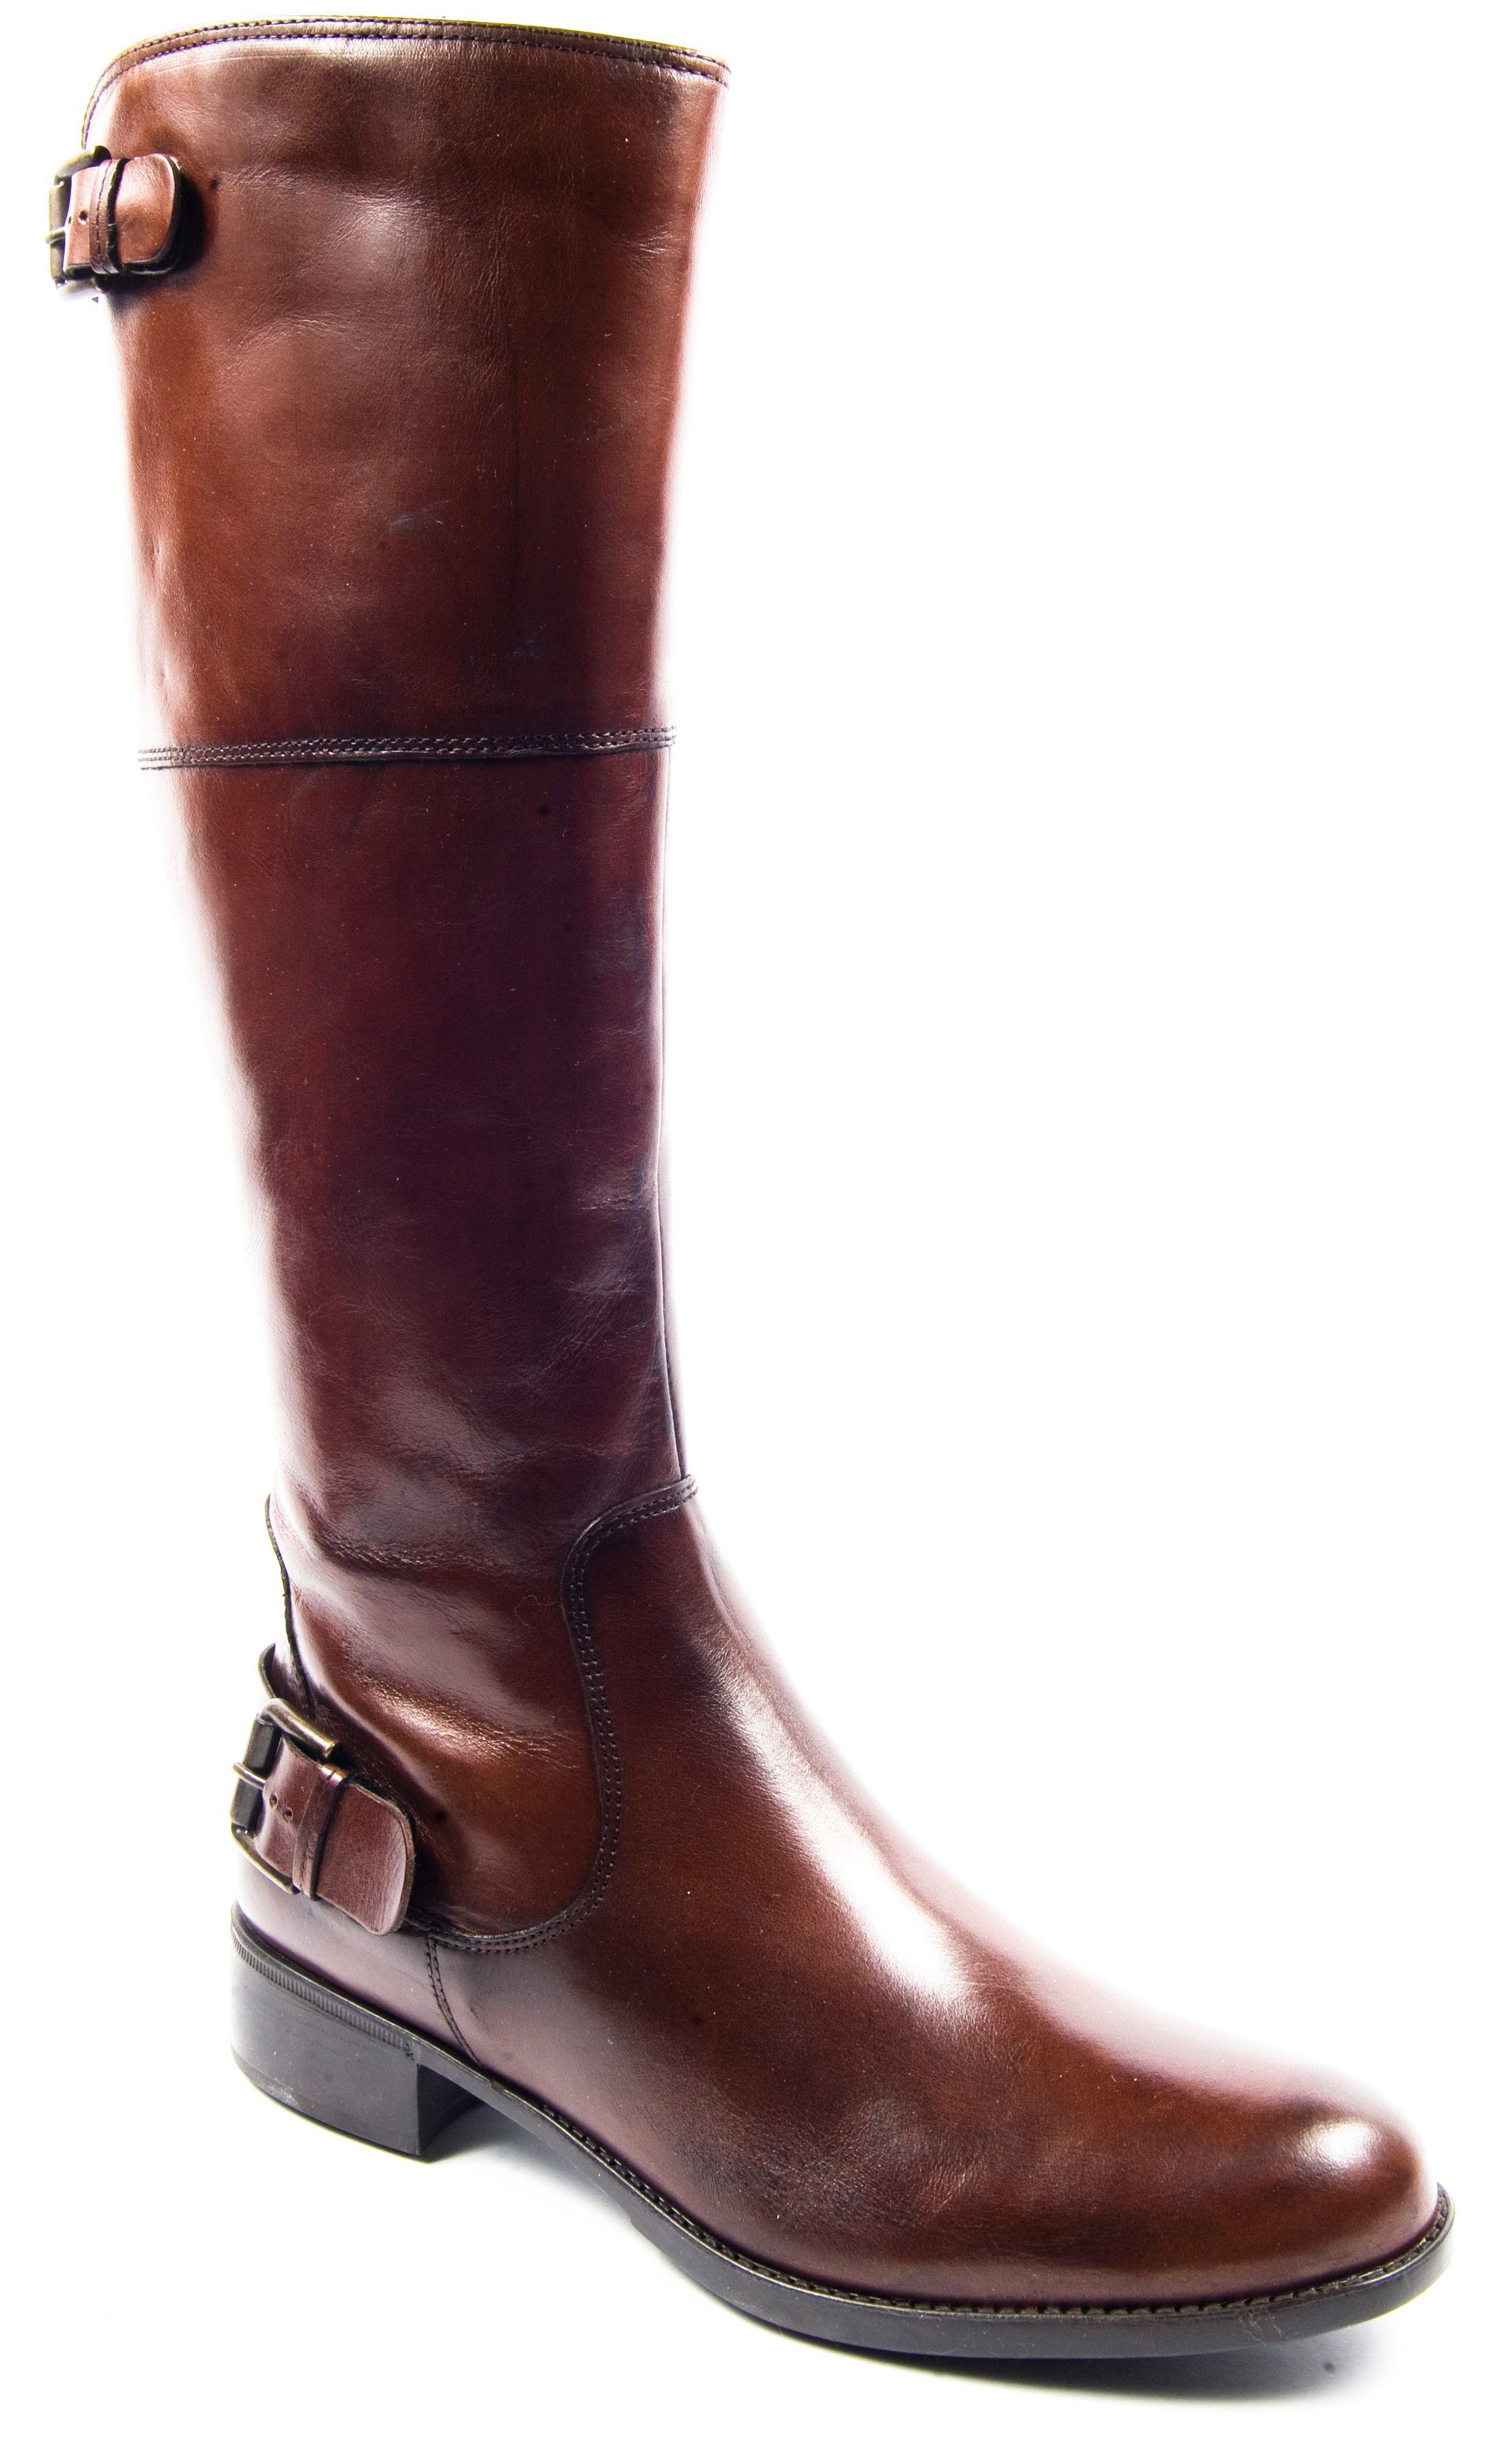 Jones Bootmaker Shoes